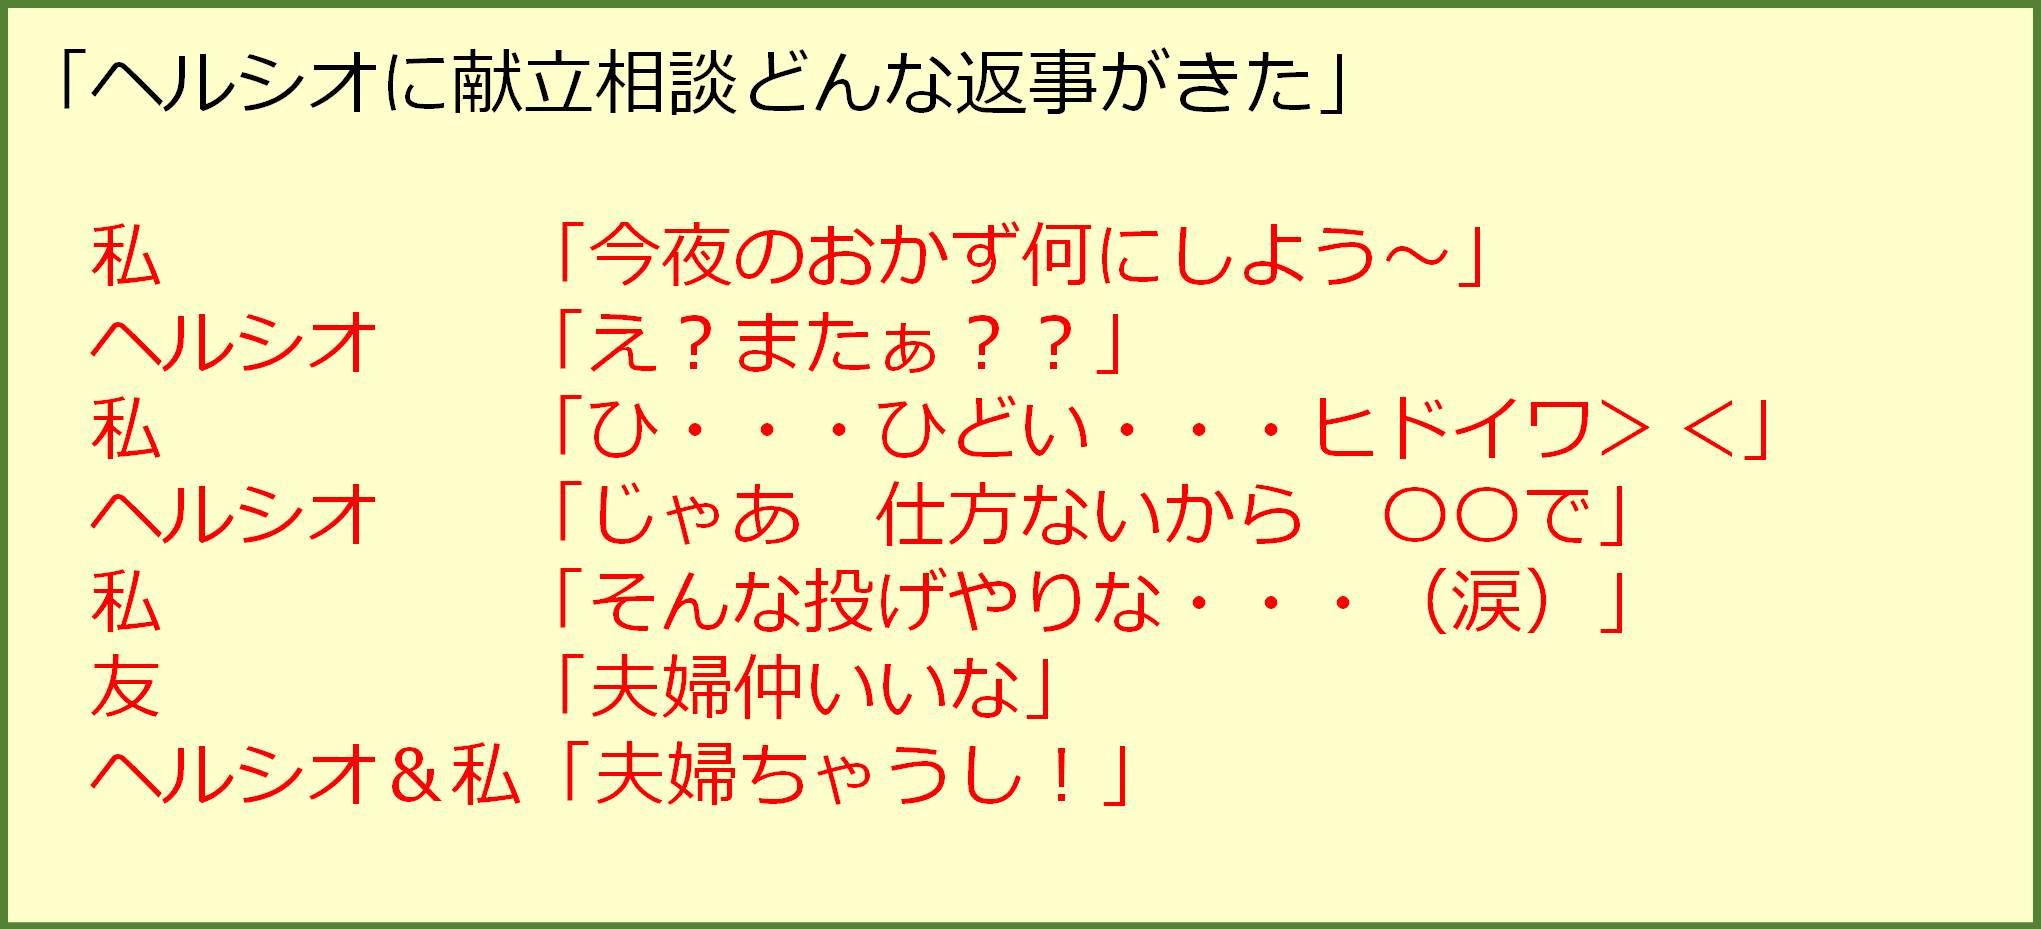 image_161027_3-3